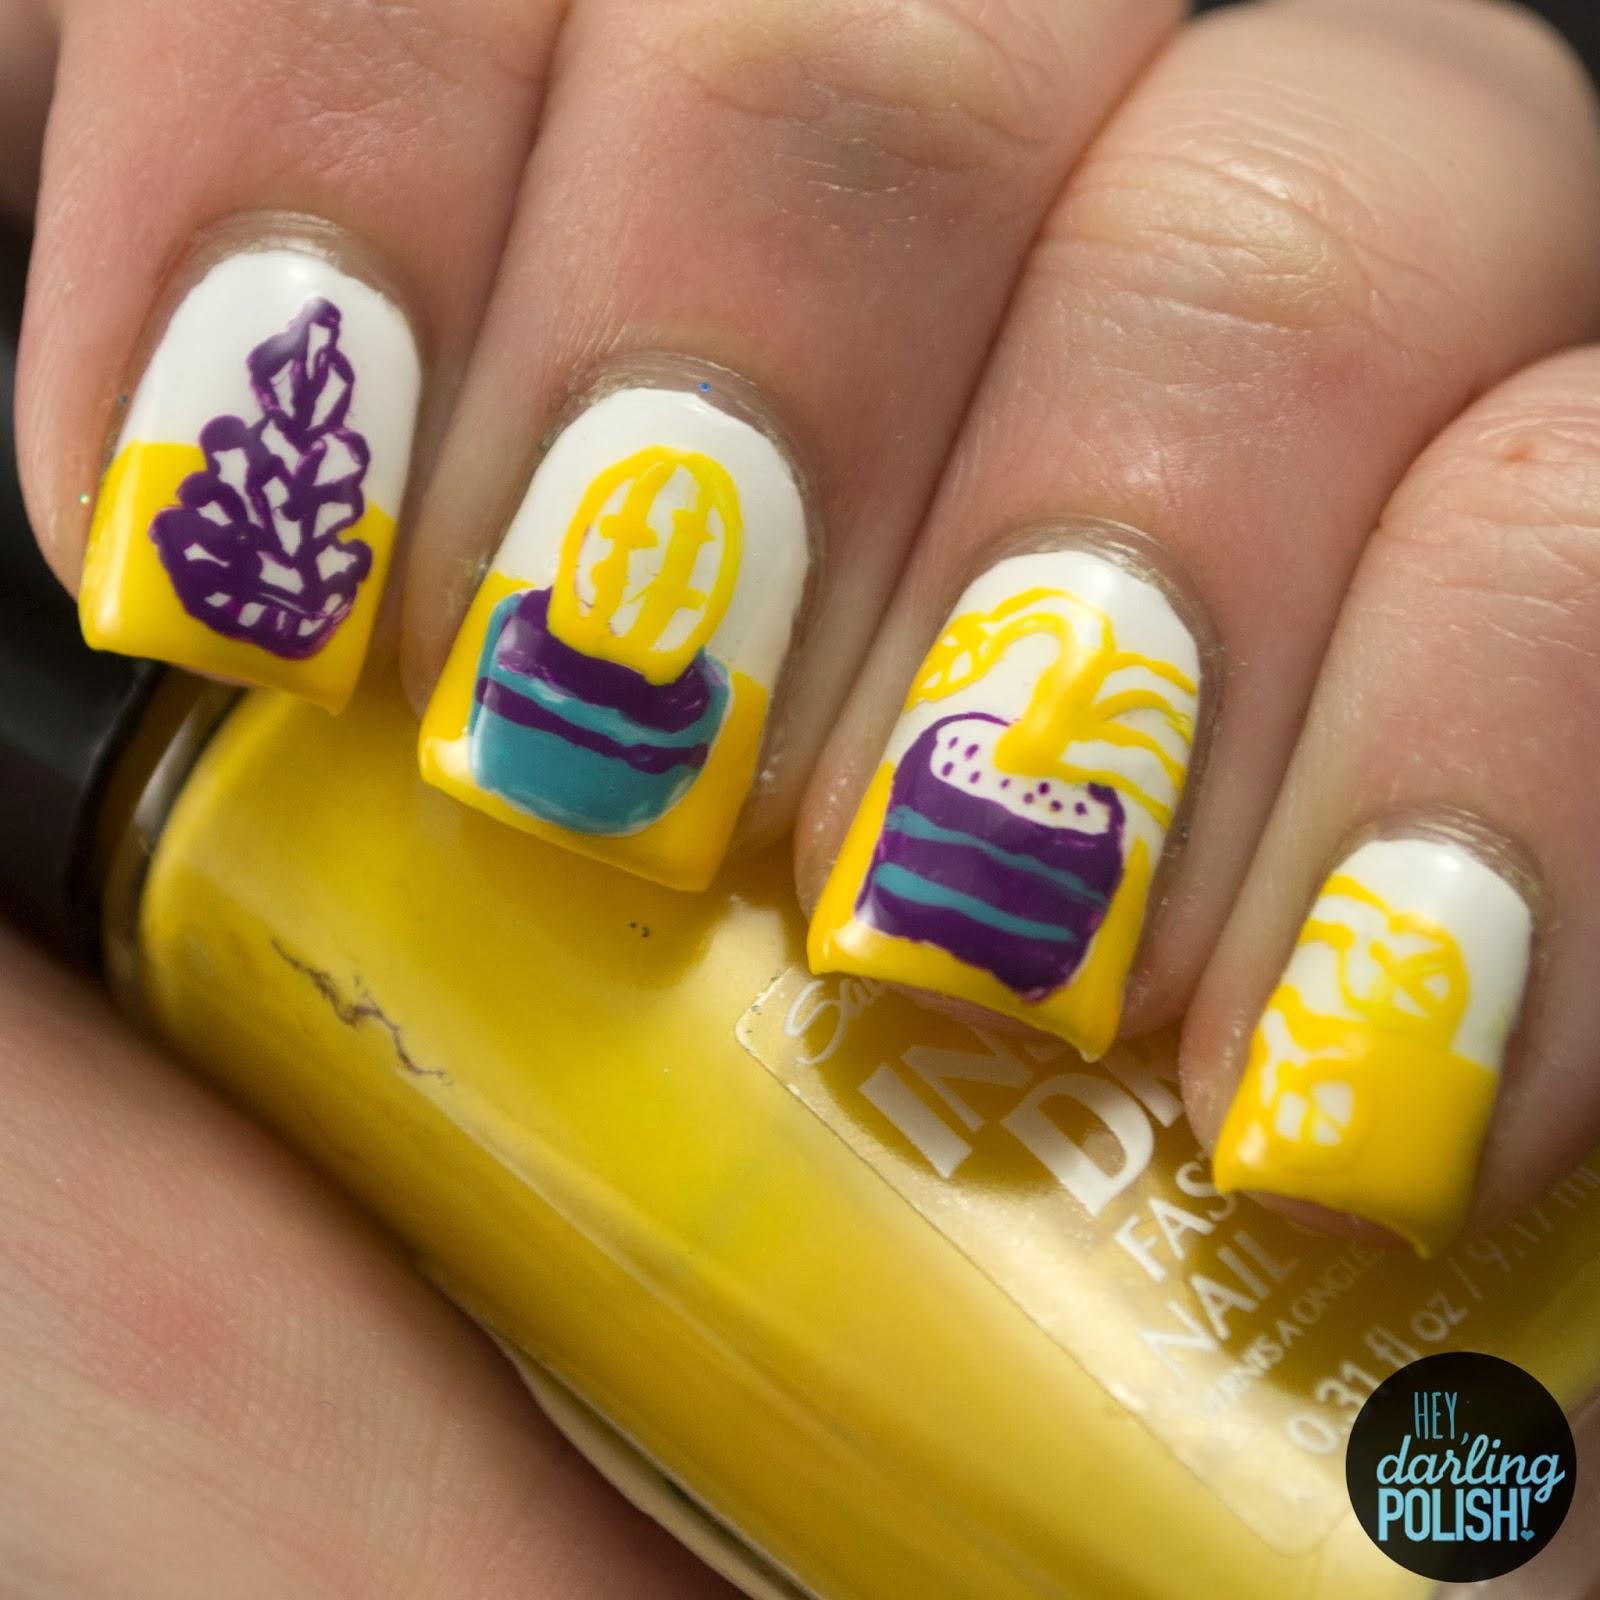 nails, nail art, nail polish, polish, still life, nail art a go go, yellow, purple, blue, hey darling polish, art 101